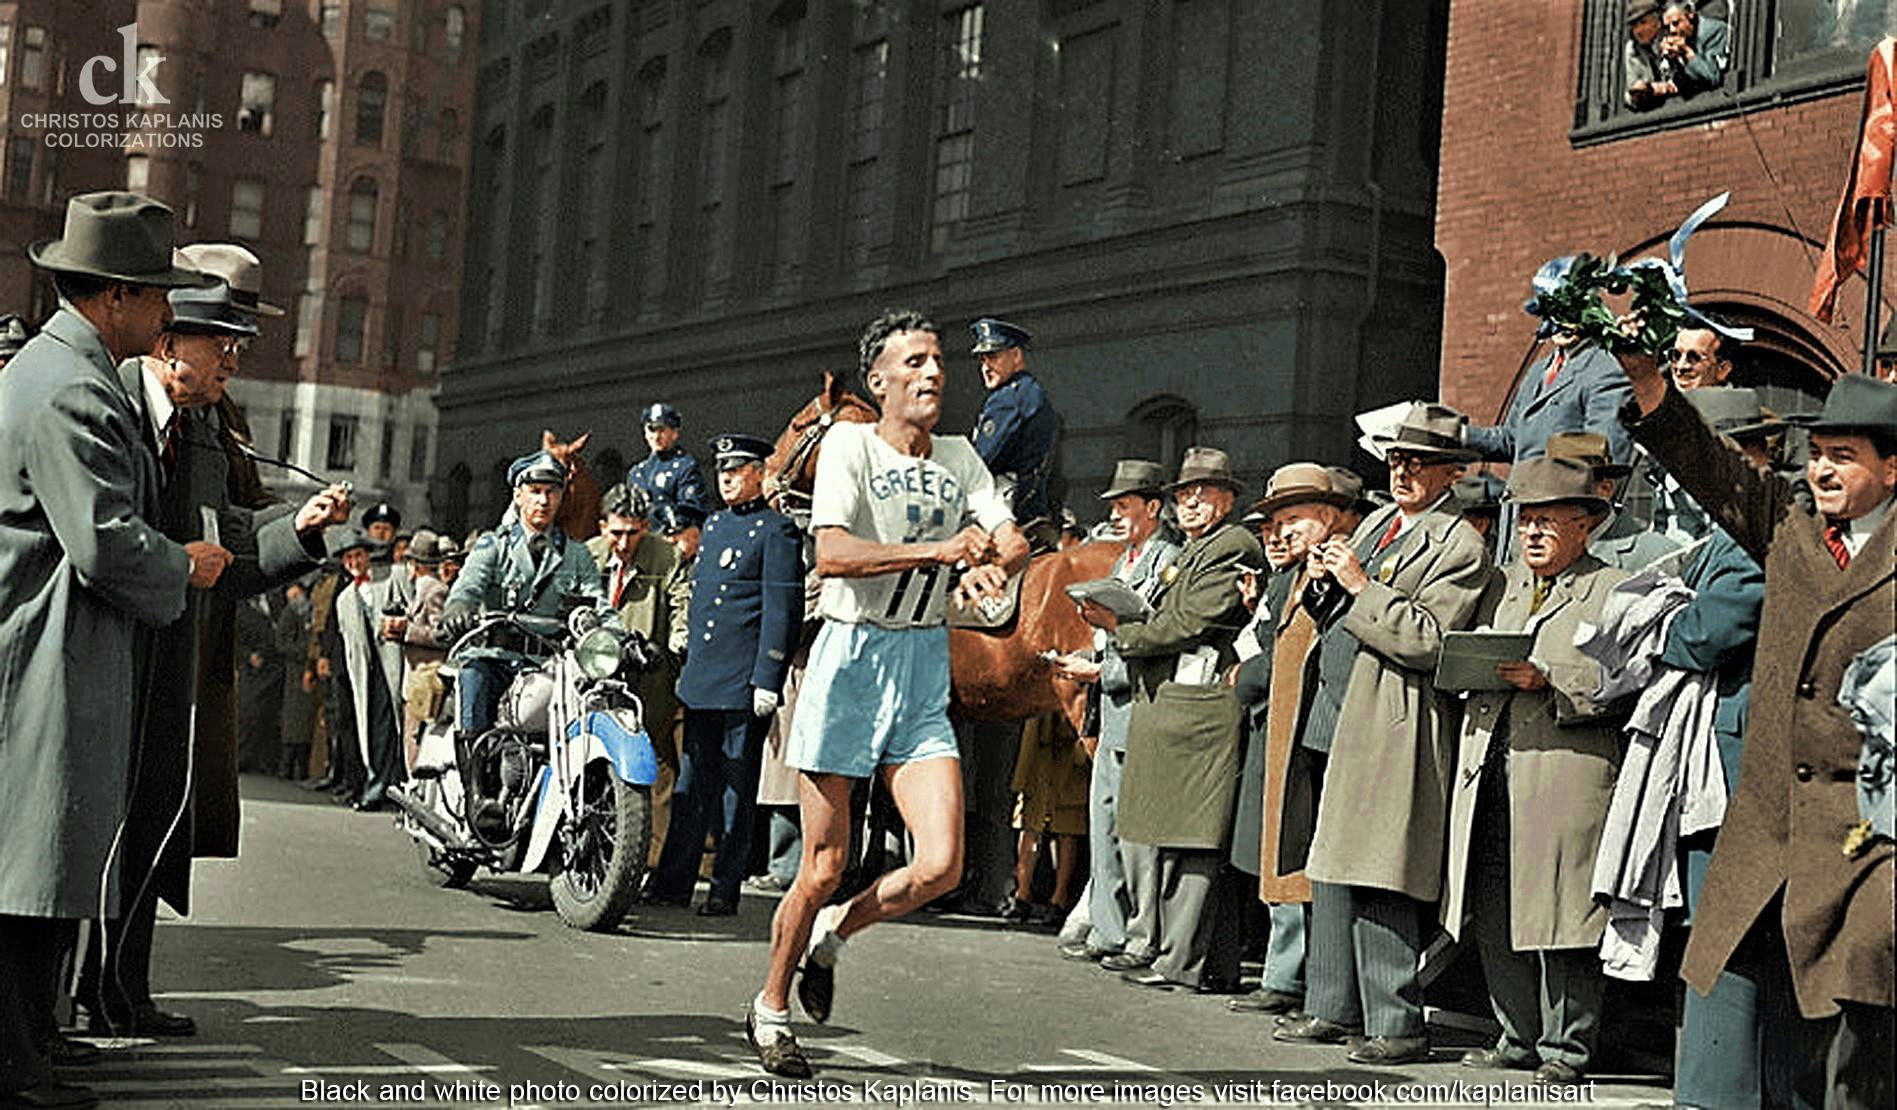 """""""Ήρθα να τρέξω για 7 εκατομμύρια πεινασμένους Έλληνες"""". Στέλιος Κυριακίδης, ο δρομέας που νίκησε το 1946 στον Μαραθώνιο της Βοστώνης και ζήτησε να βοηθήσουν την Ελλάδα"""